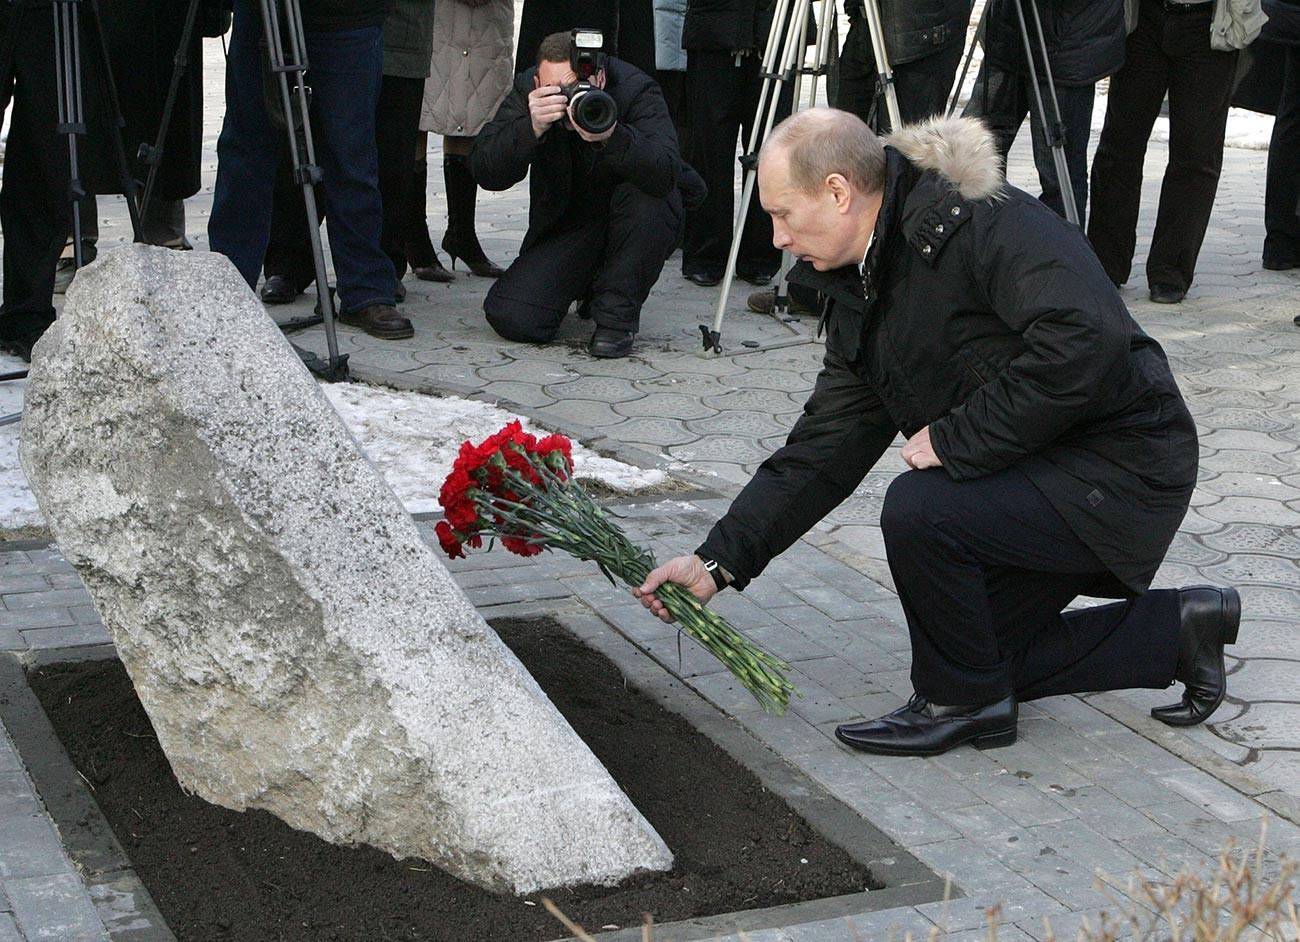 Presiden Rusia Vladimir Putin meletakkan karangan bunga untuk mengenang para korbanpembantaian 1962 di Novocherkassk.